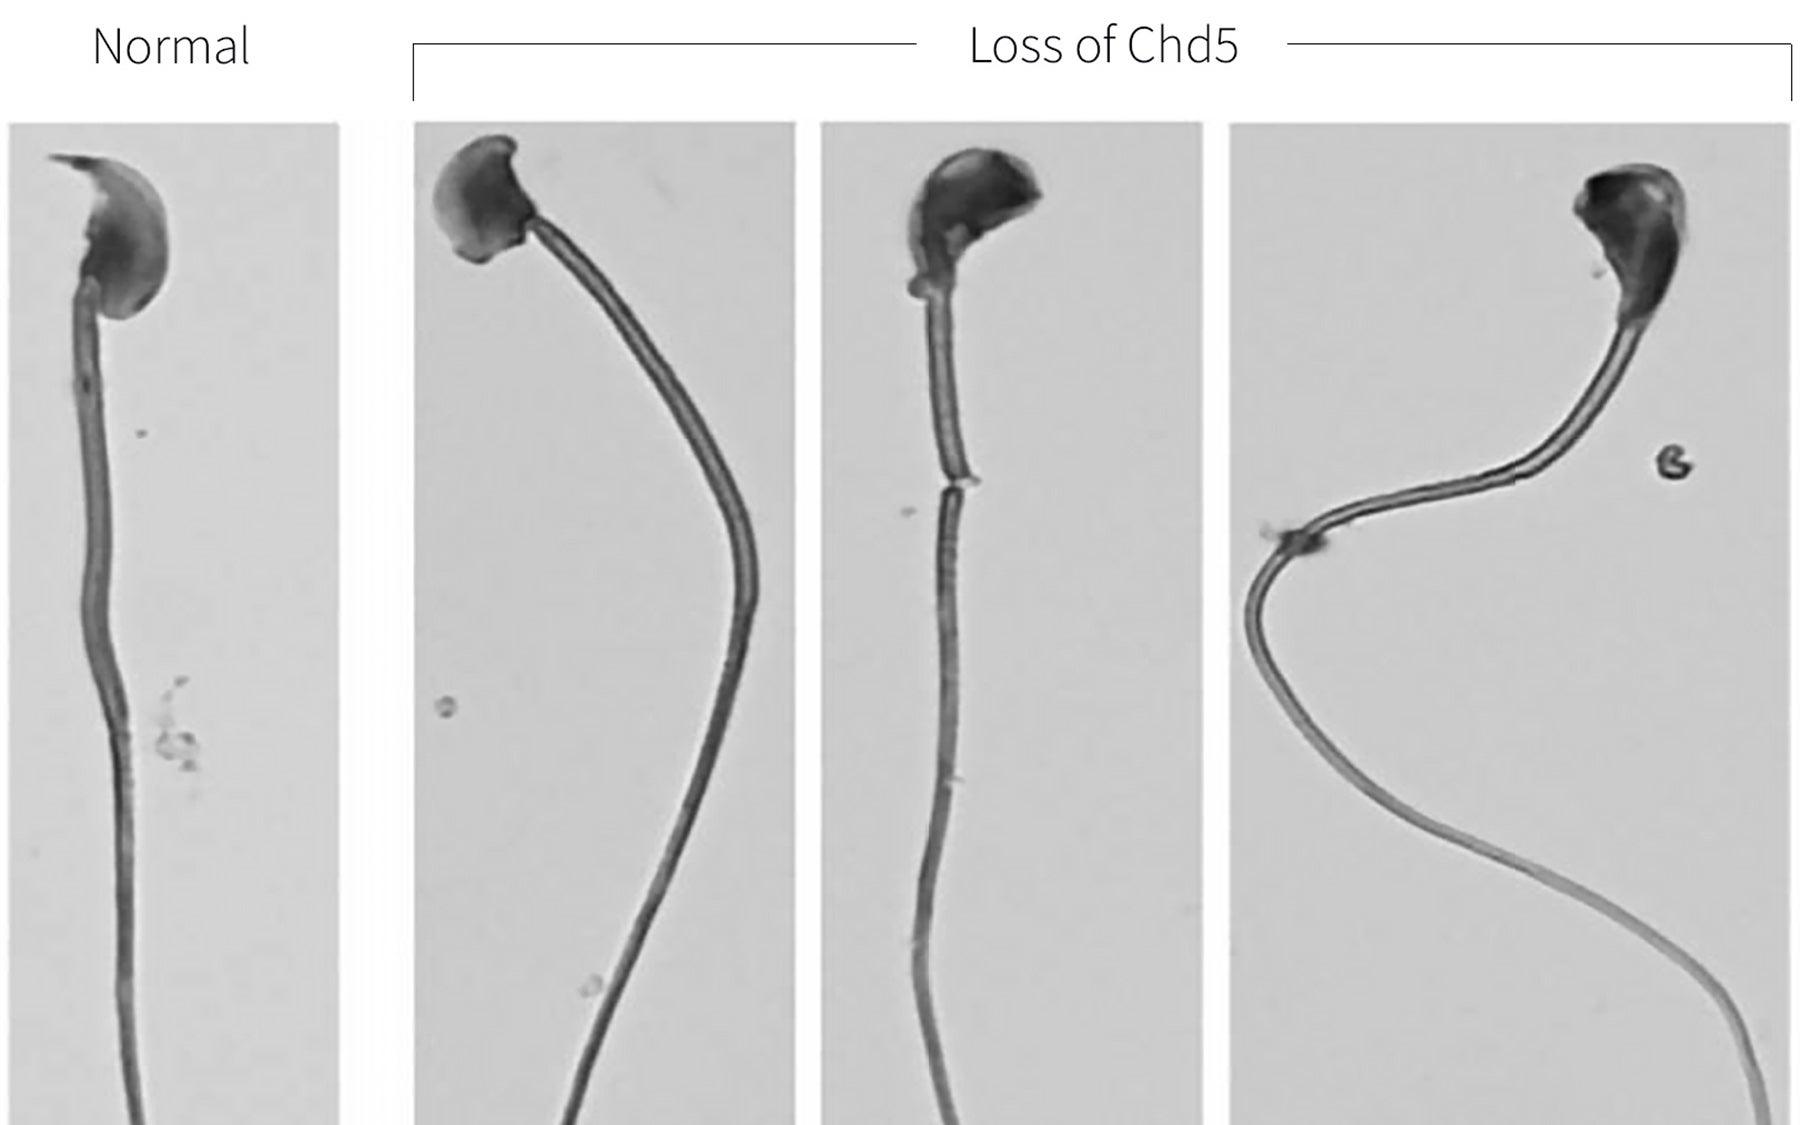 Sperm Chd5 loss